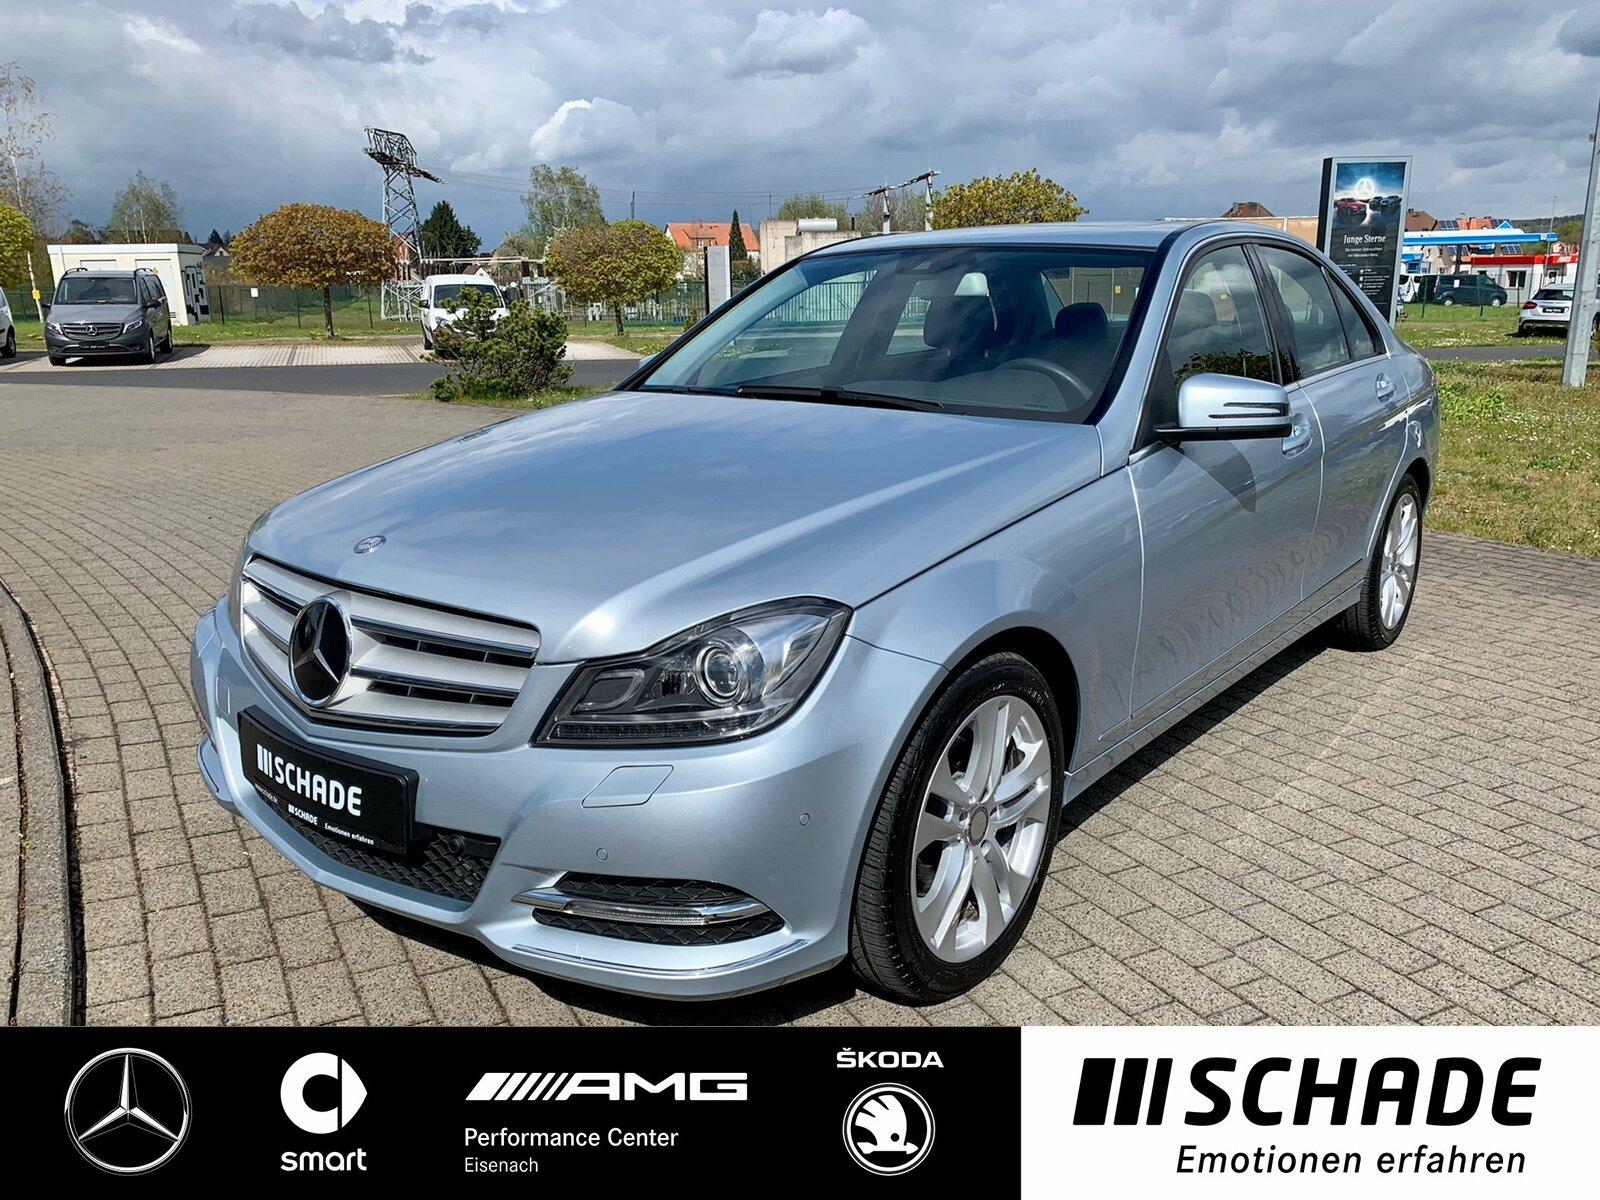 Mercedes-Benz C 250 CDI Avantgarde Comand*Distronic*Schiebed.*, Jahr 2014, Diesel